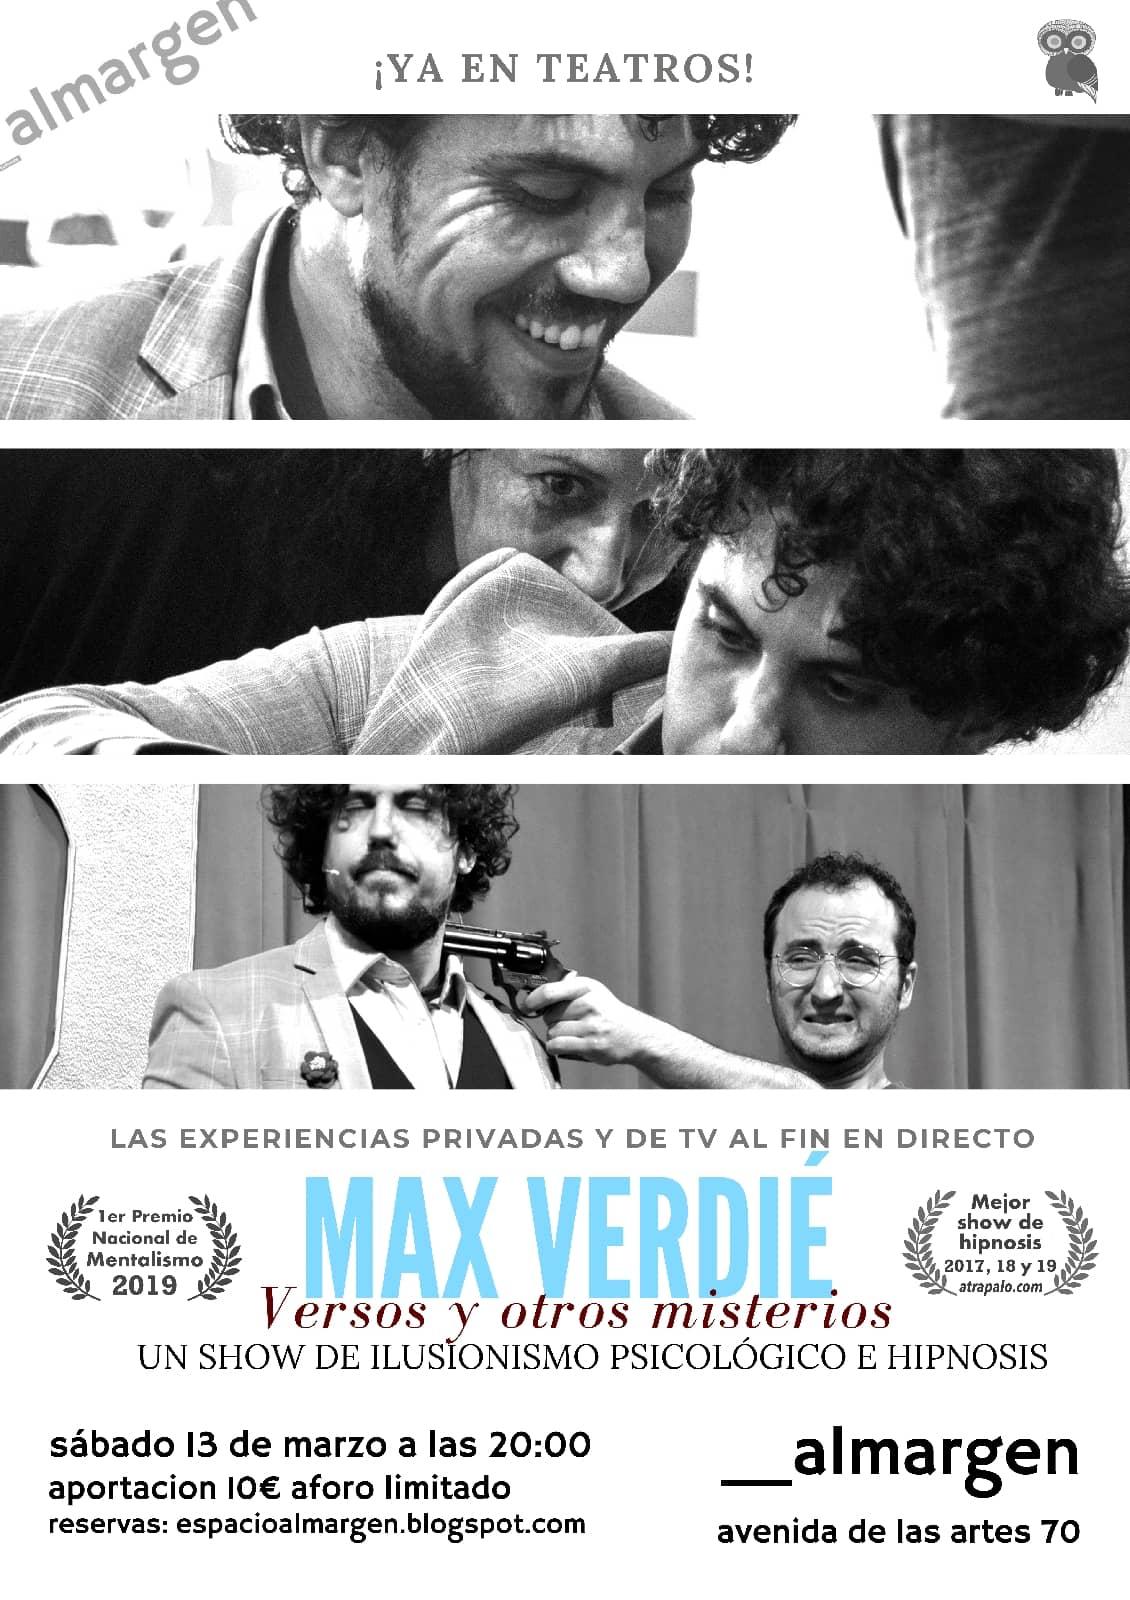 Max Verdié con versos y otros misterios en Salamanca